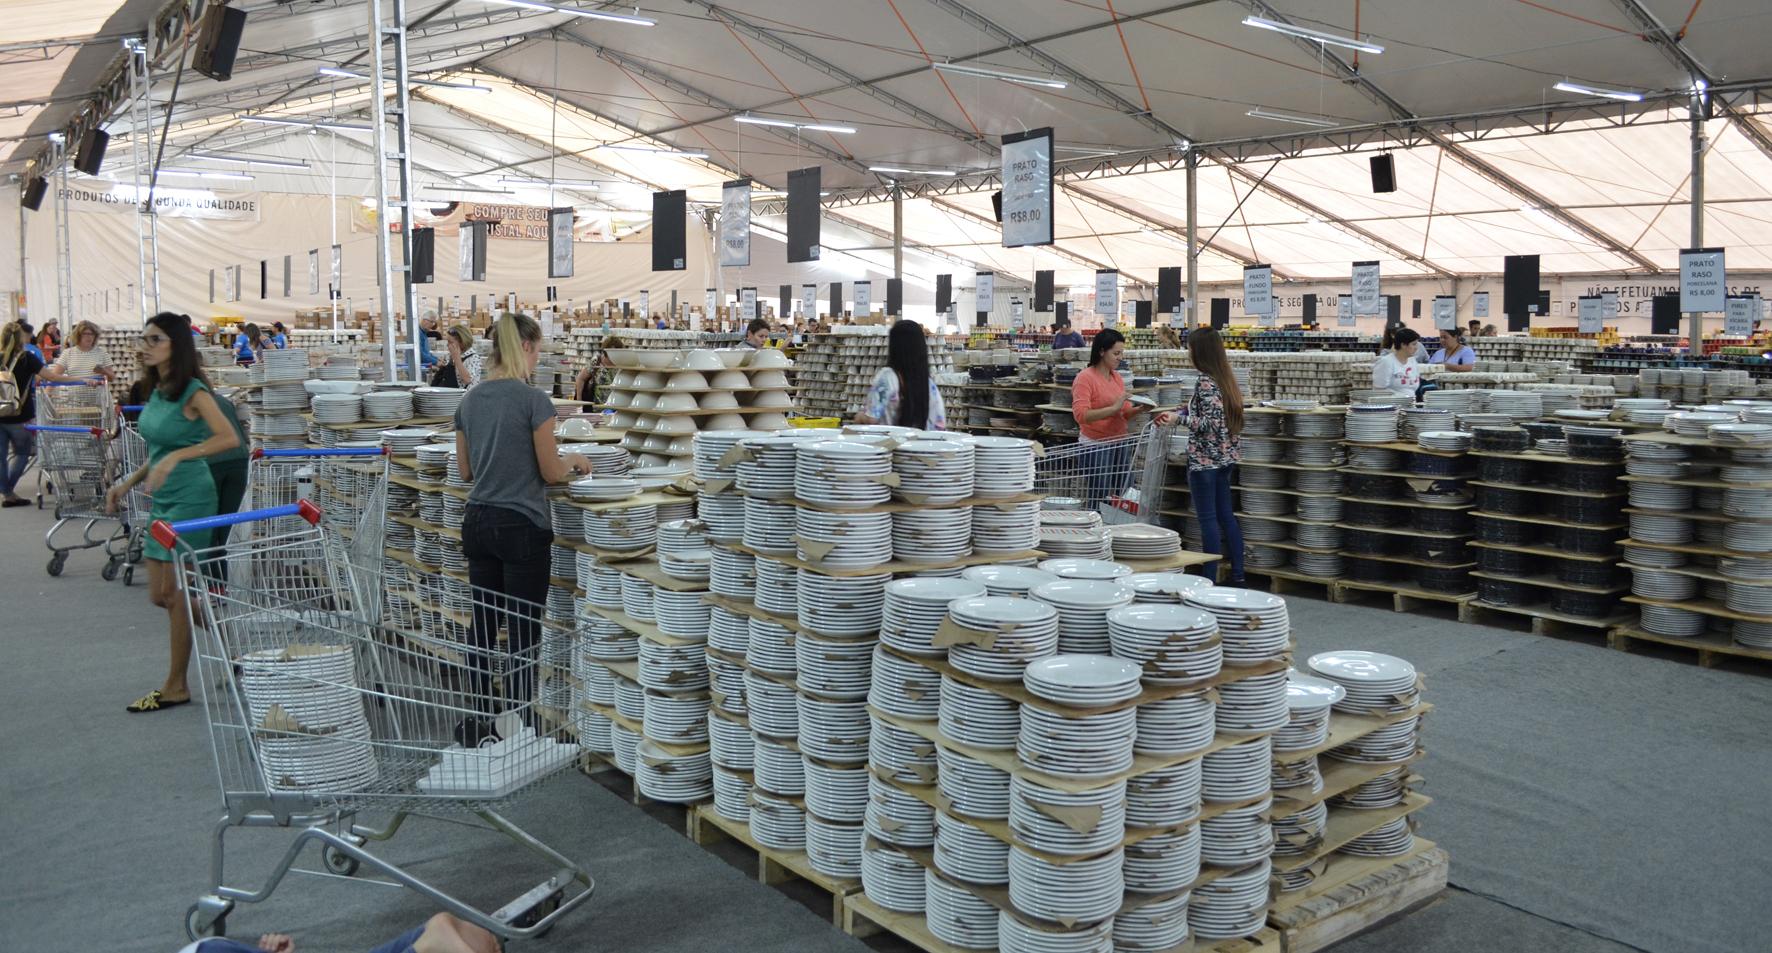 Pratos, xícaras, taças, entre outros itens compõe o evento que faz venda direta aos clientes. Foto: Divulgação